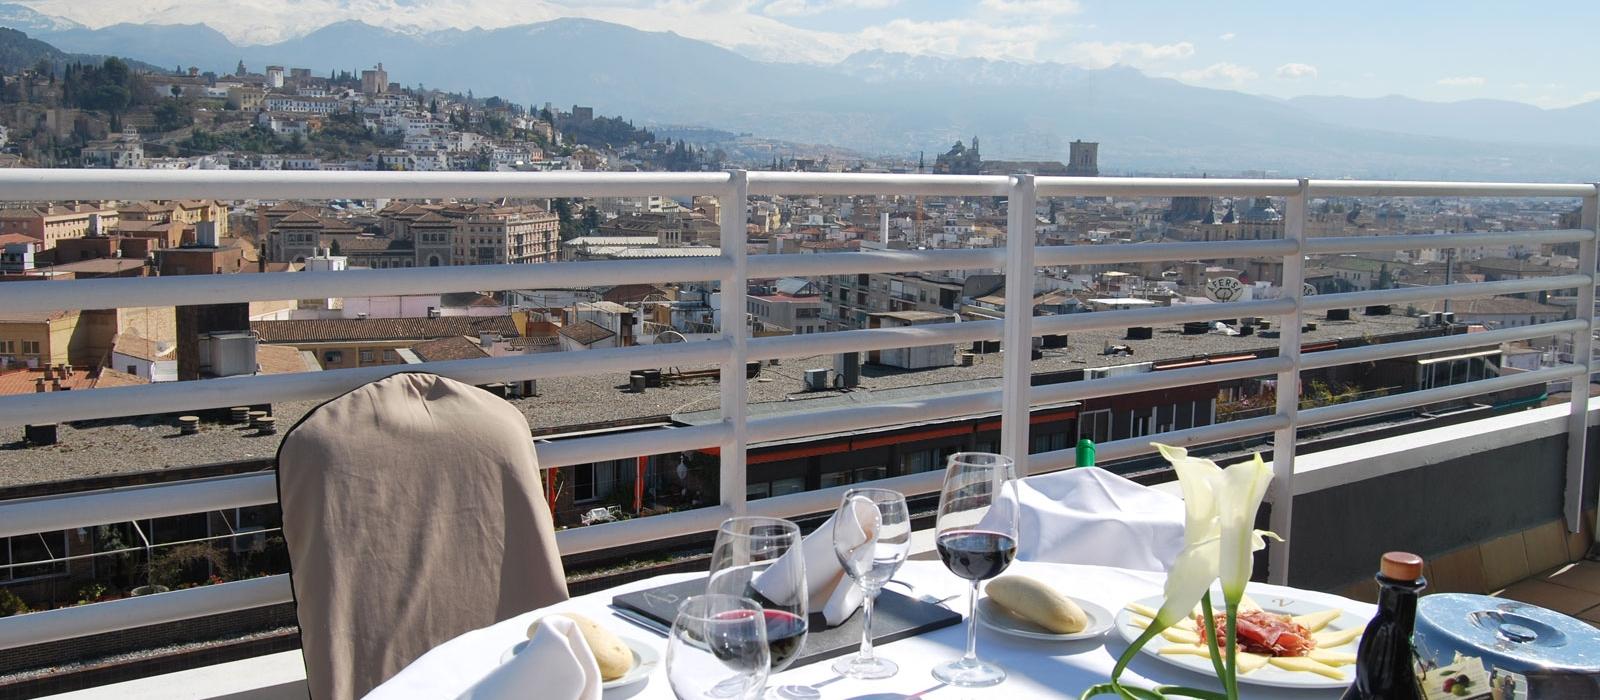 Habitaciones Hotel Granada - Vincci Hoteles - Habitación Junior Suite